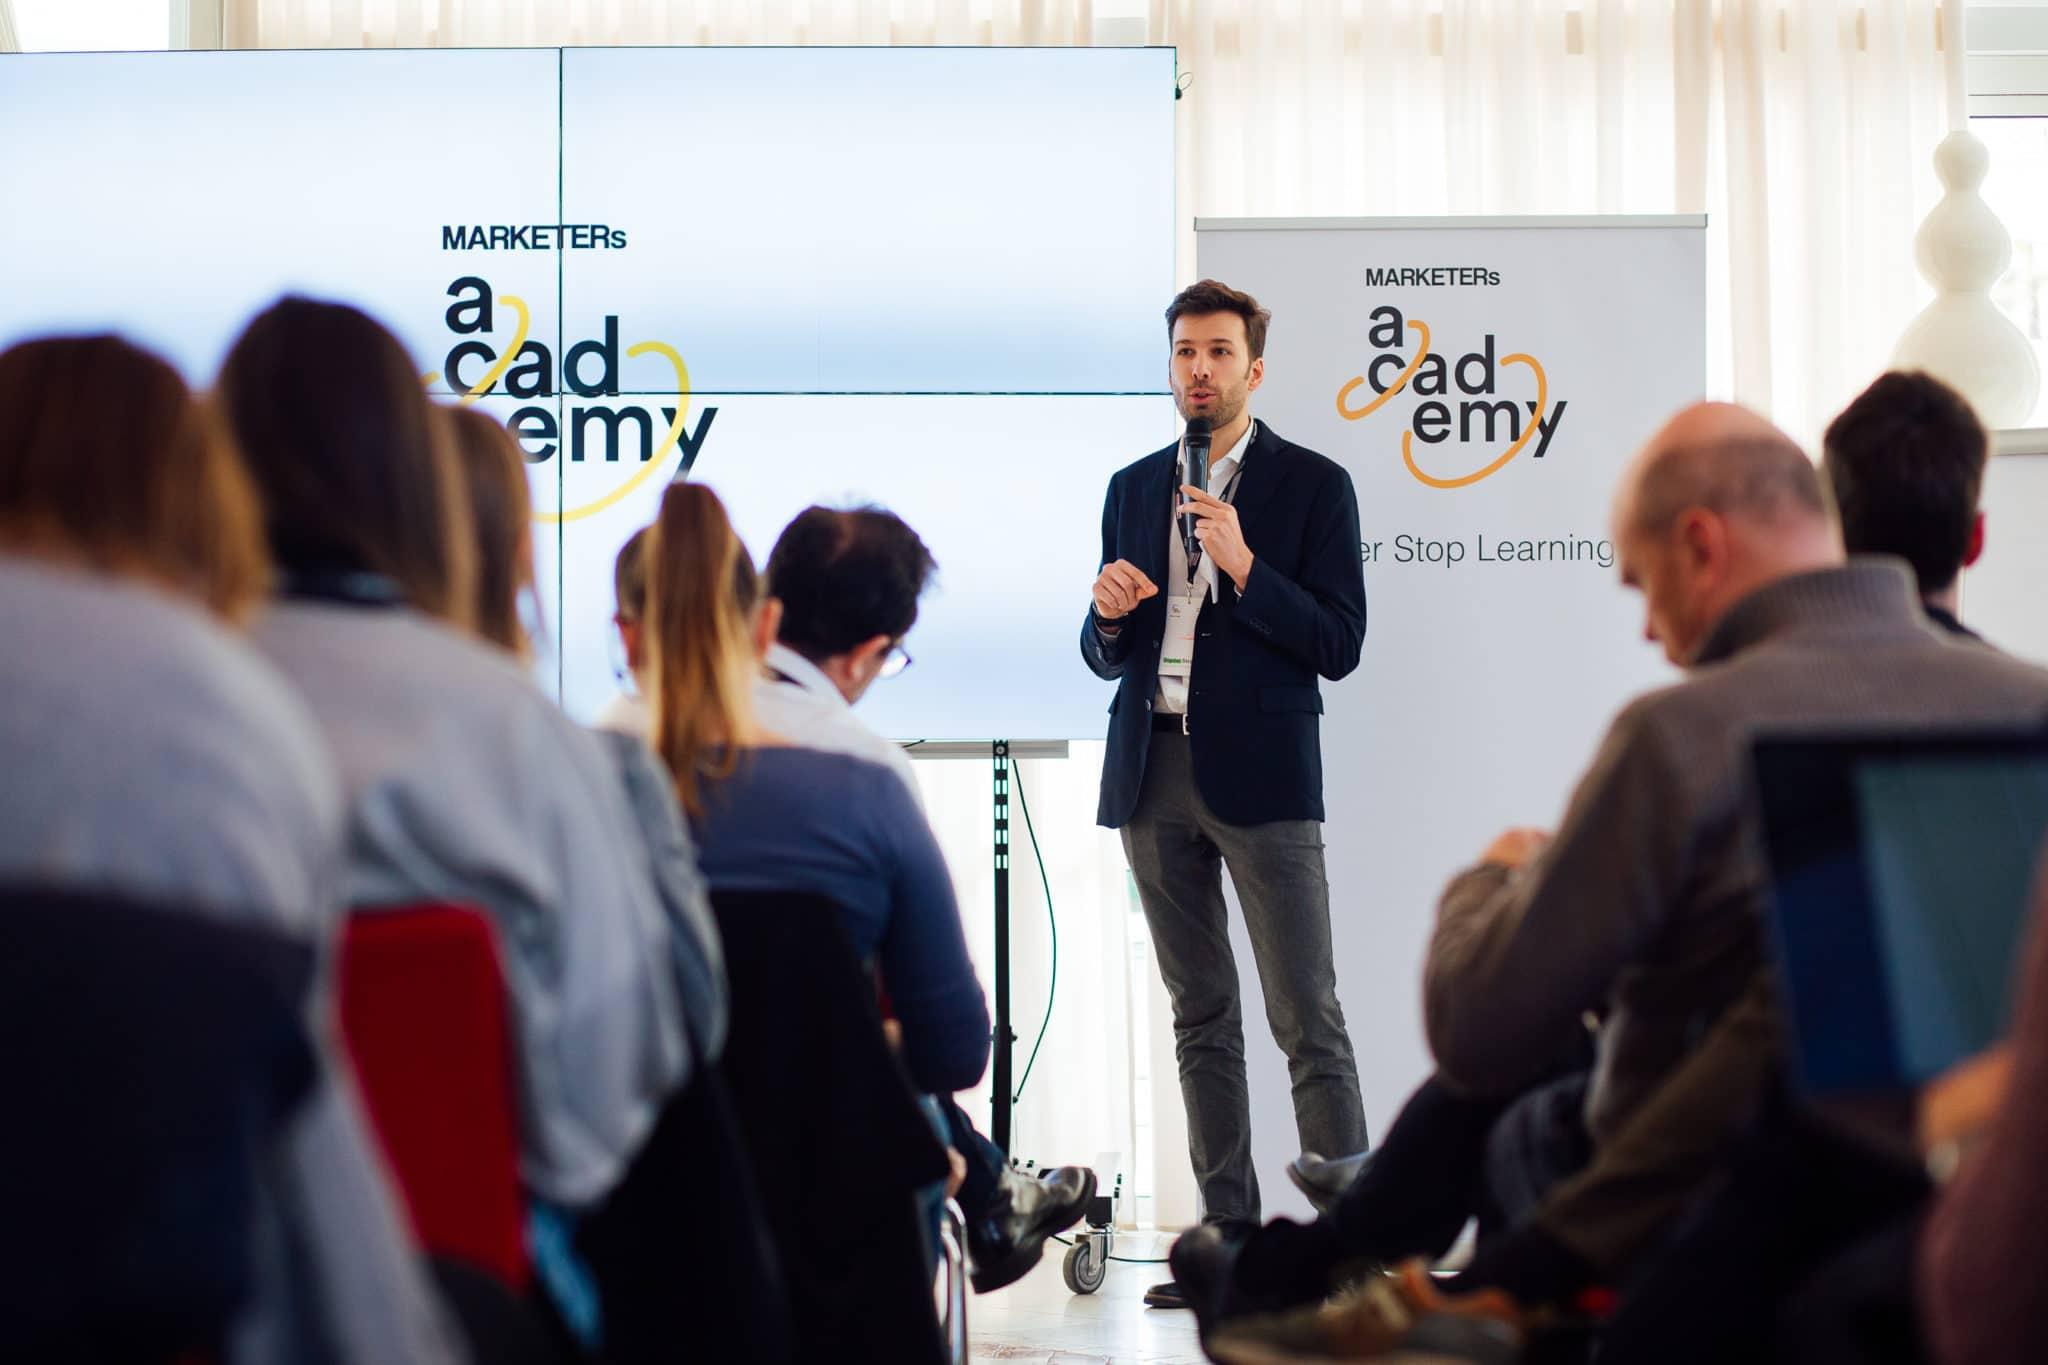 Francesco Favaro Presentazione corso MARKETERs Academy 2019